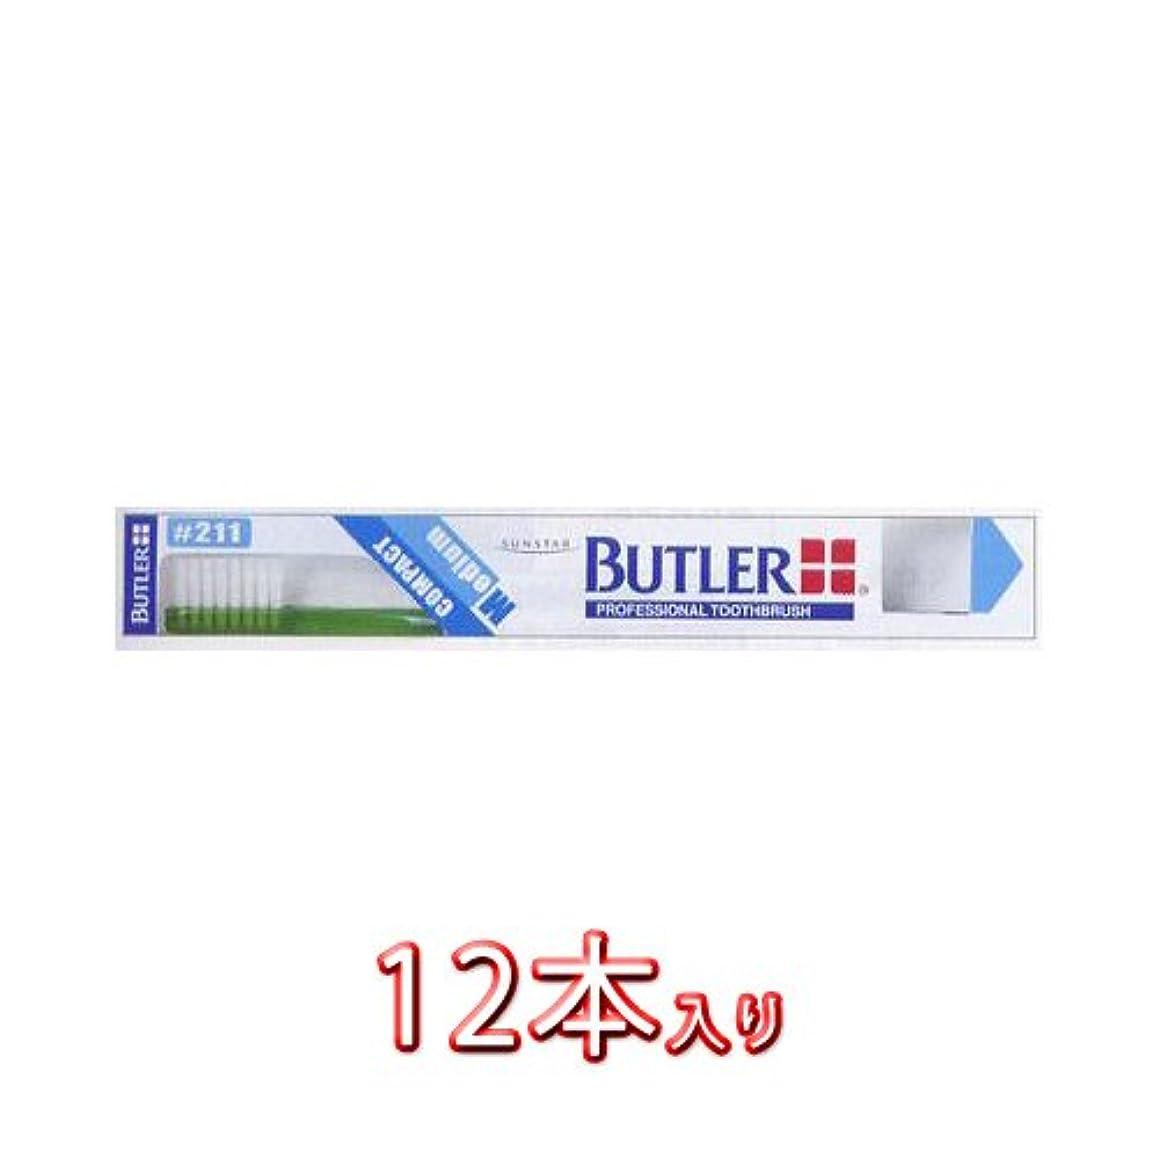 学士ディスク未亡人バトラー 歯ブラシ #211 12本入